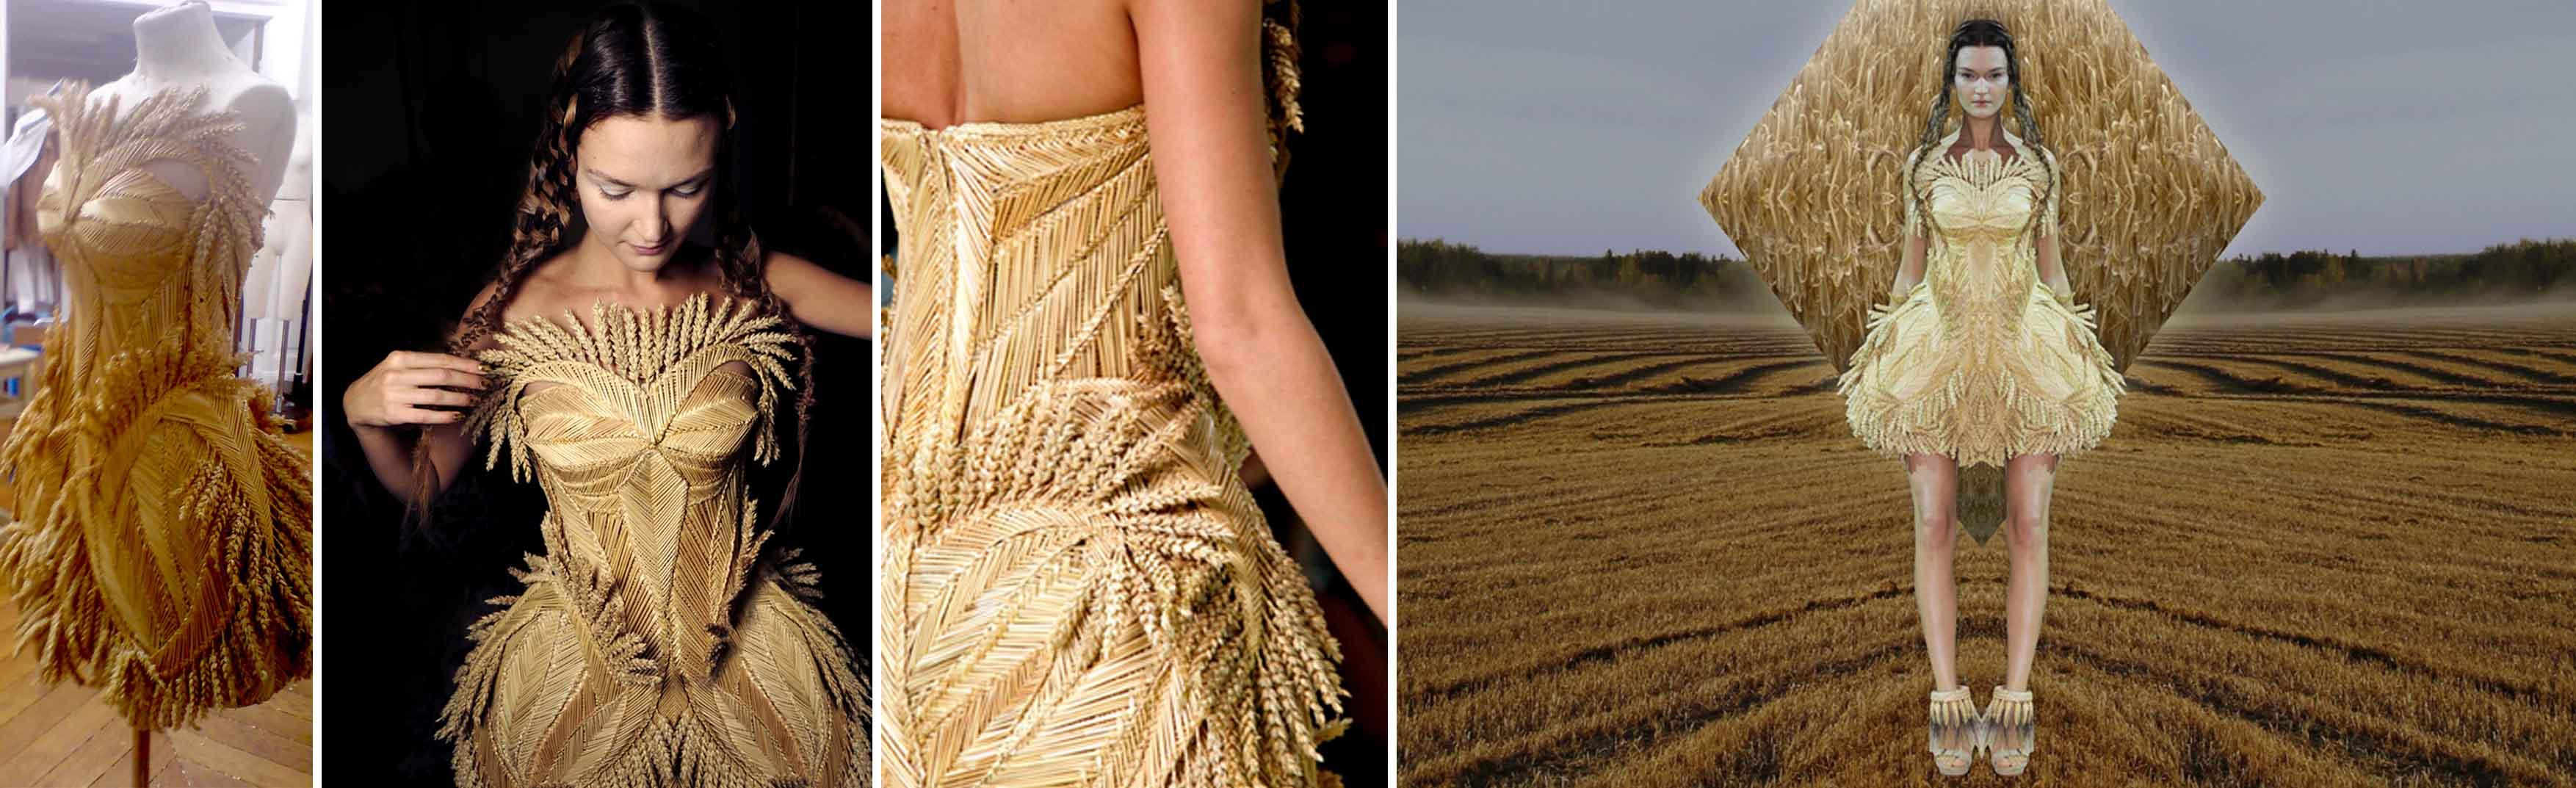 oct 2010 blé